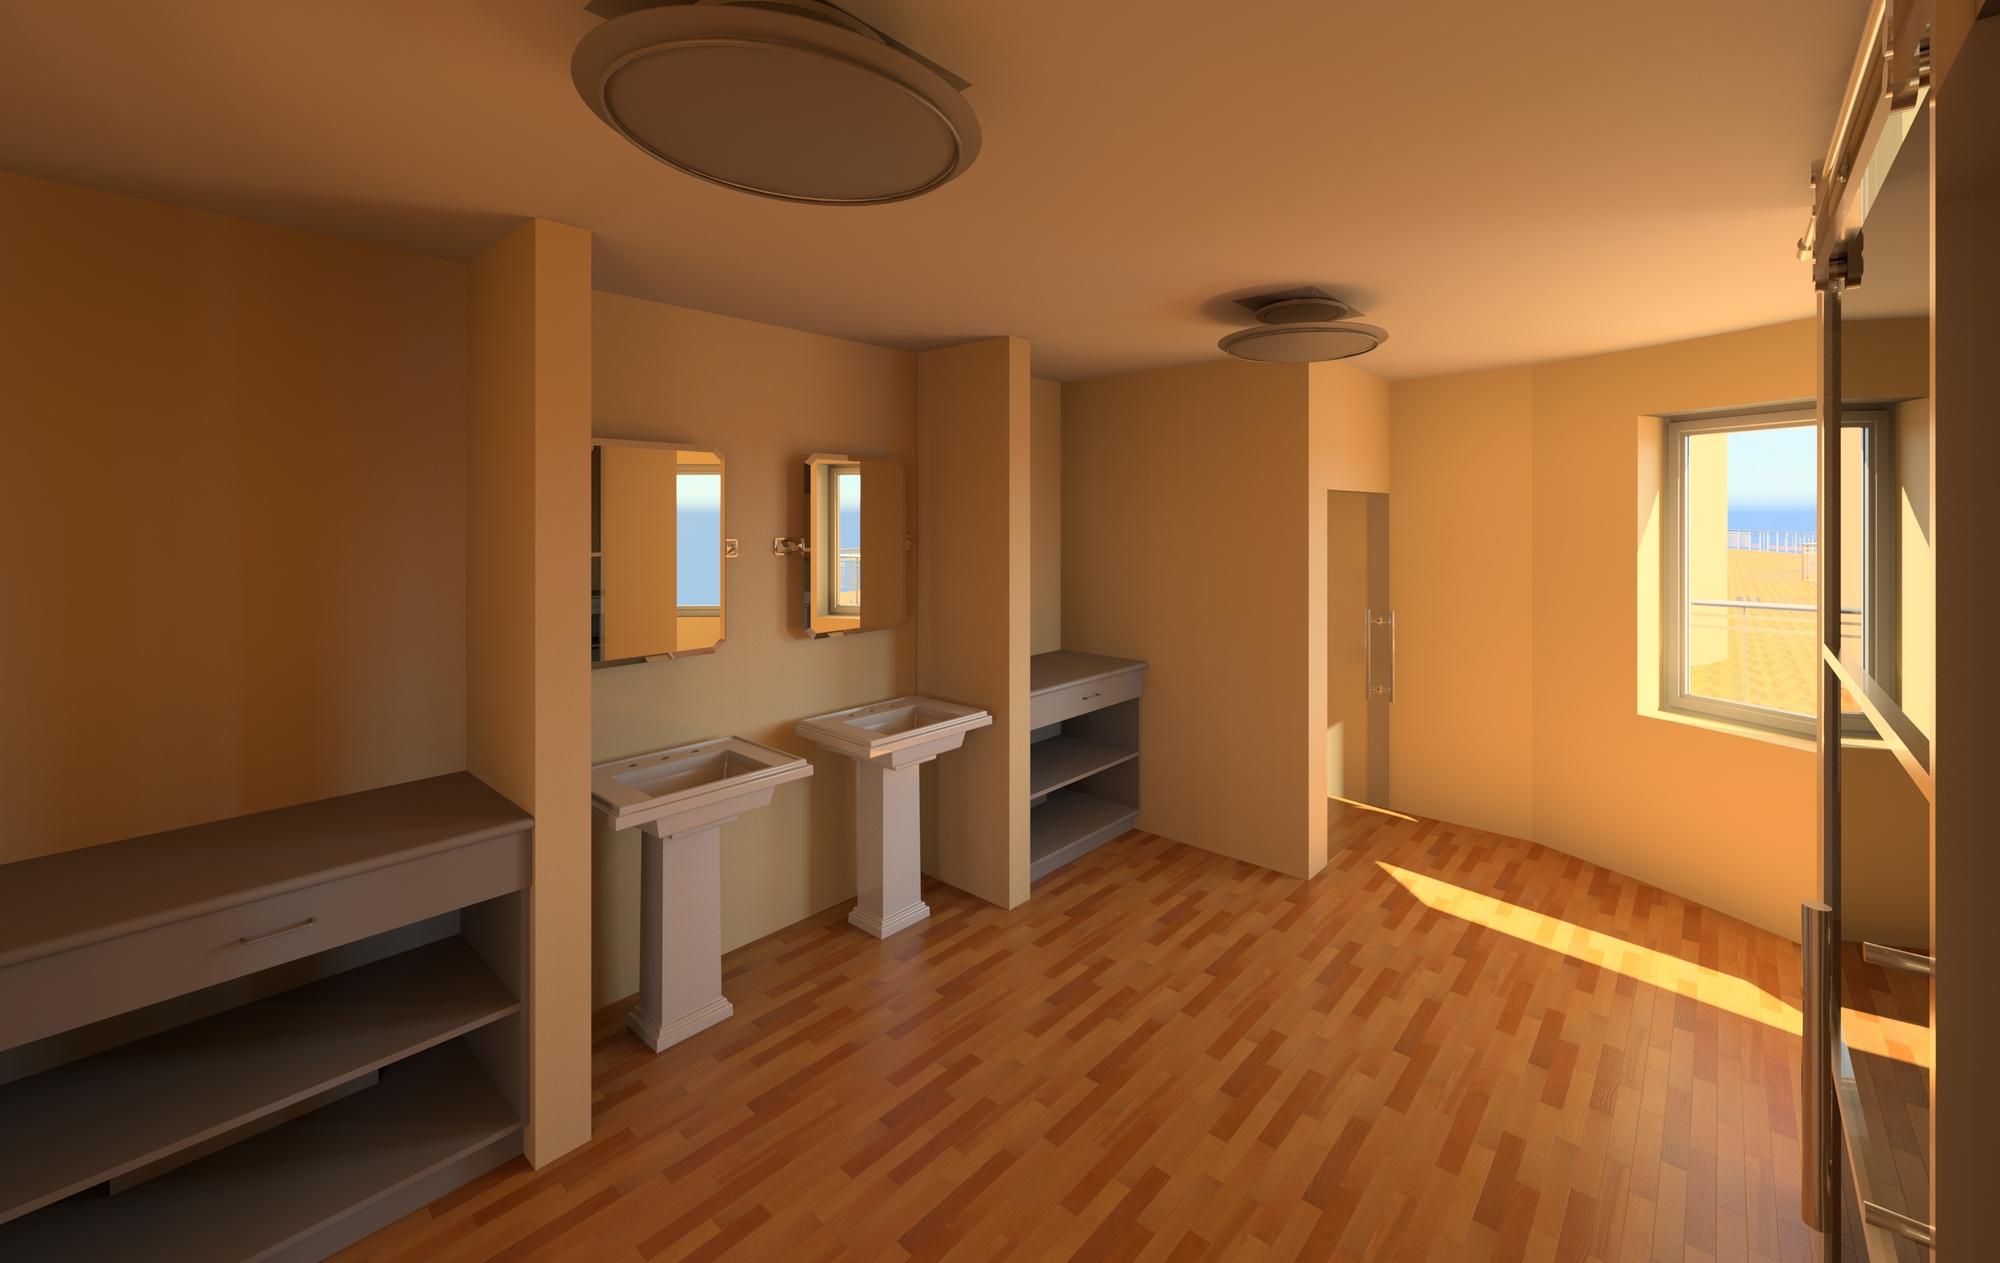 Raas-rendering20150421-28793-s47xoj